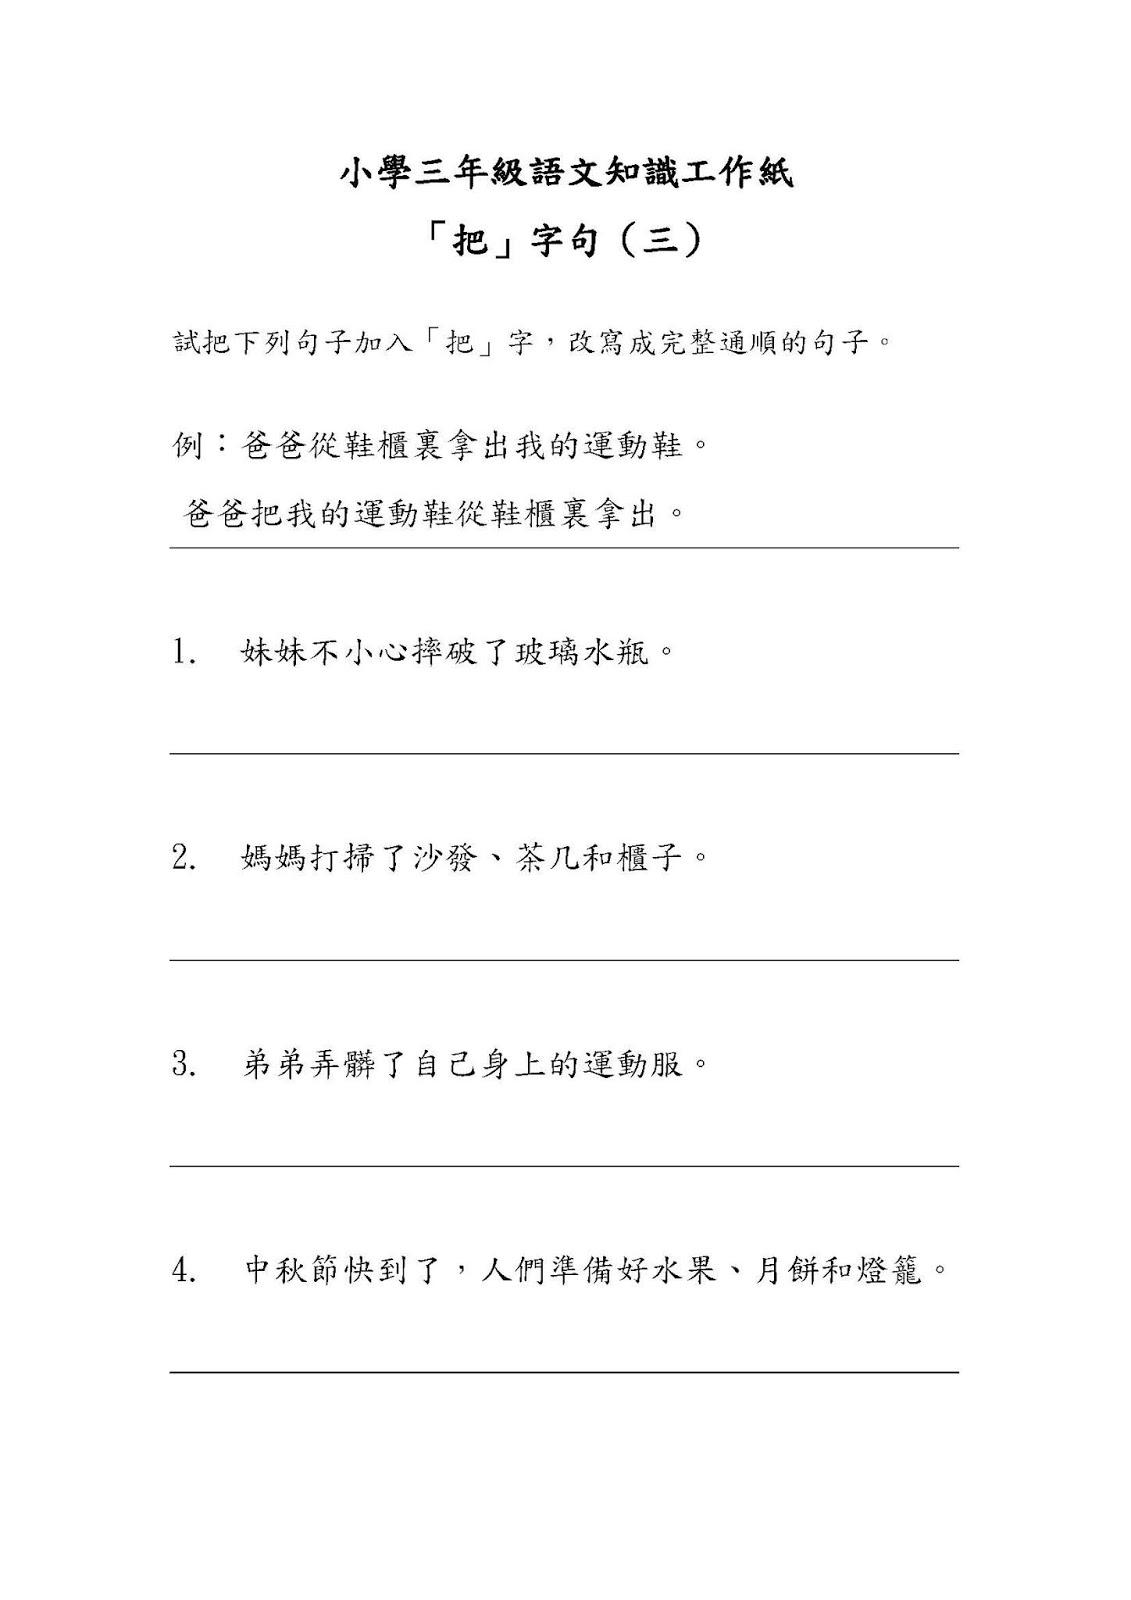 小三語文知識工作紙:把字句(三)|中文工作紙|尤莉姐姐的反轉學堂